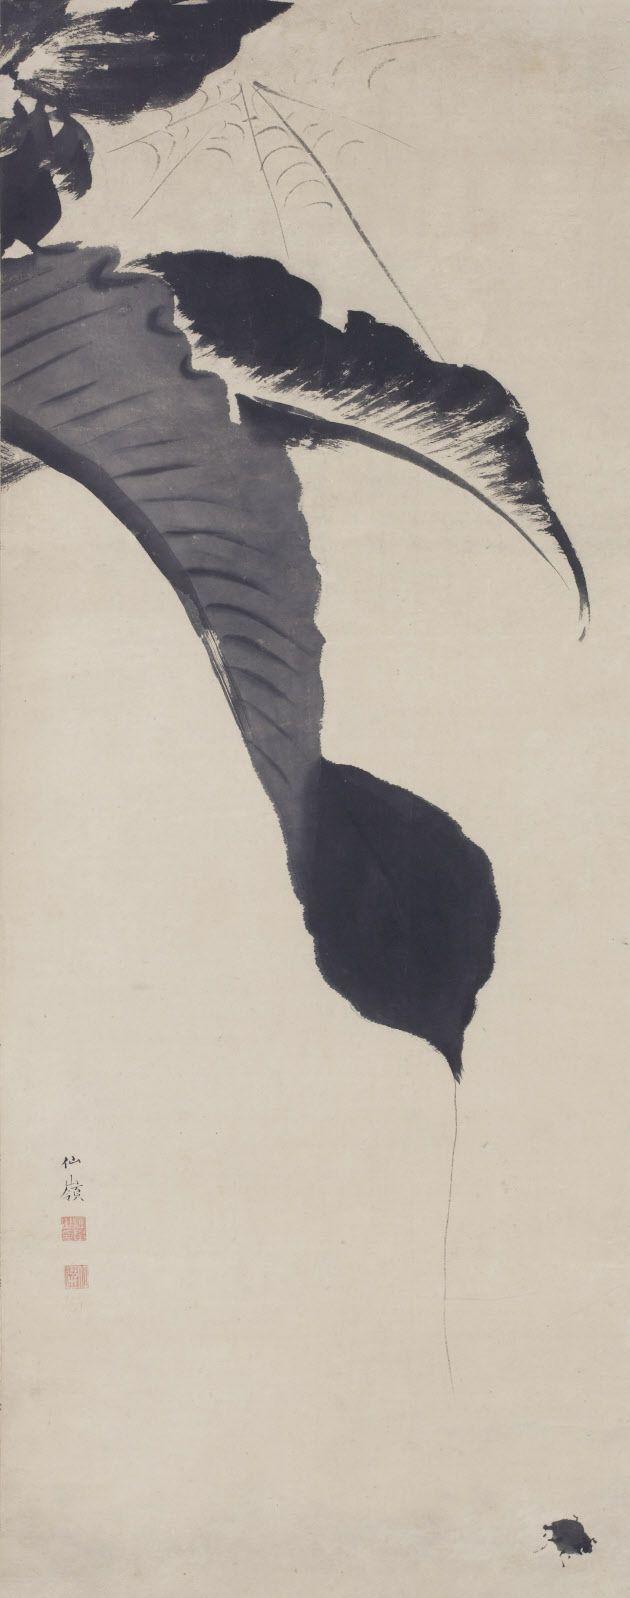 20paintings fishing jpg chinese peasant paintings pinterest - Maruyama Okyo